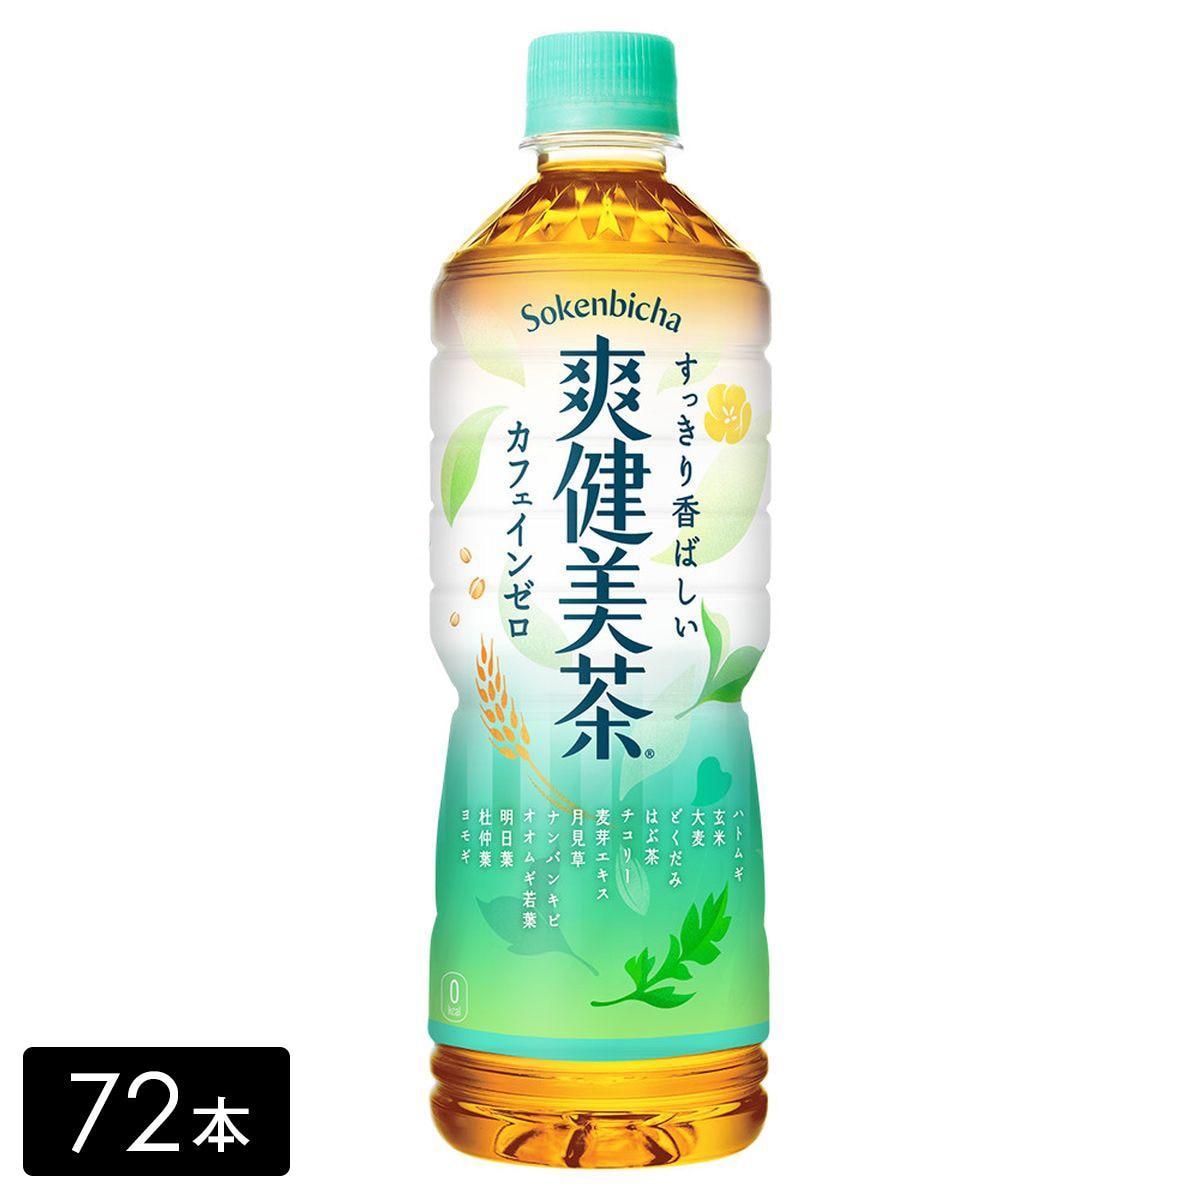 コカ・コーラボトラーズ 爽健美茶 600mL×72本 51455